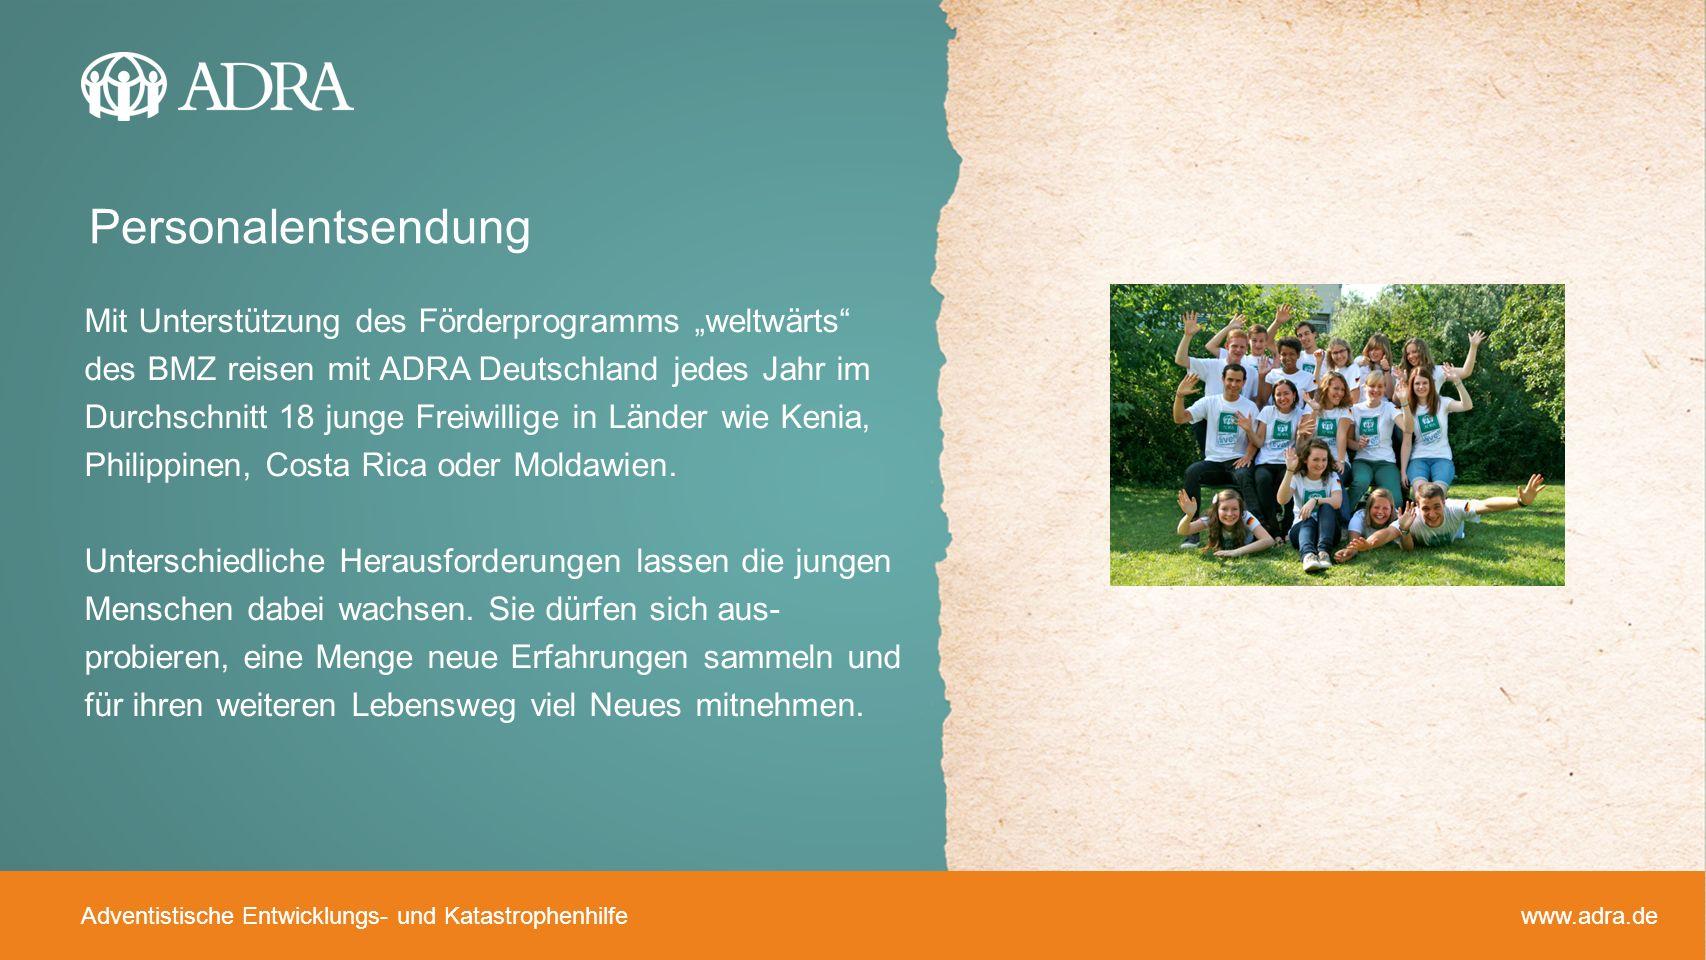 Adventistische Entwicklungs- und Katastrophenhilfe www.adra.de Mit Unterstützung des Förderprogramms weltwärts des BMZ reisen mit ADRA Deutschland jed